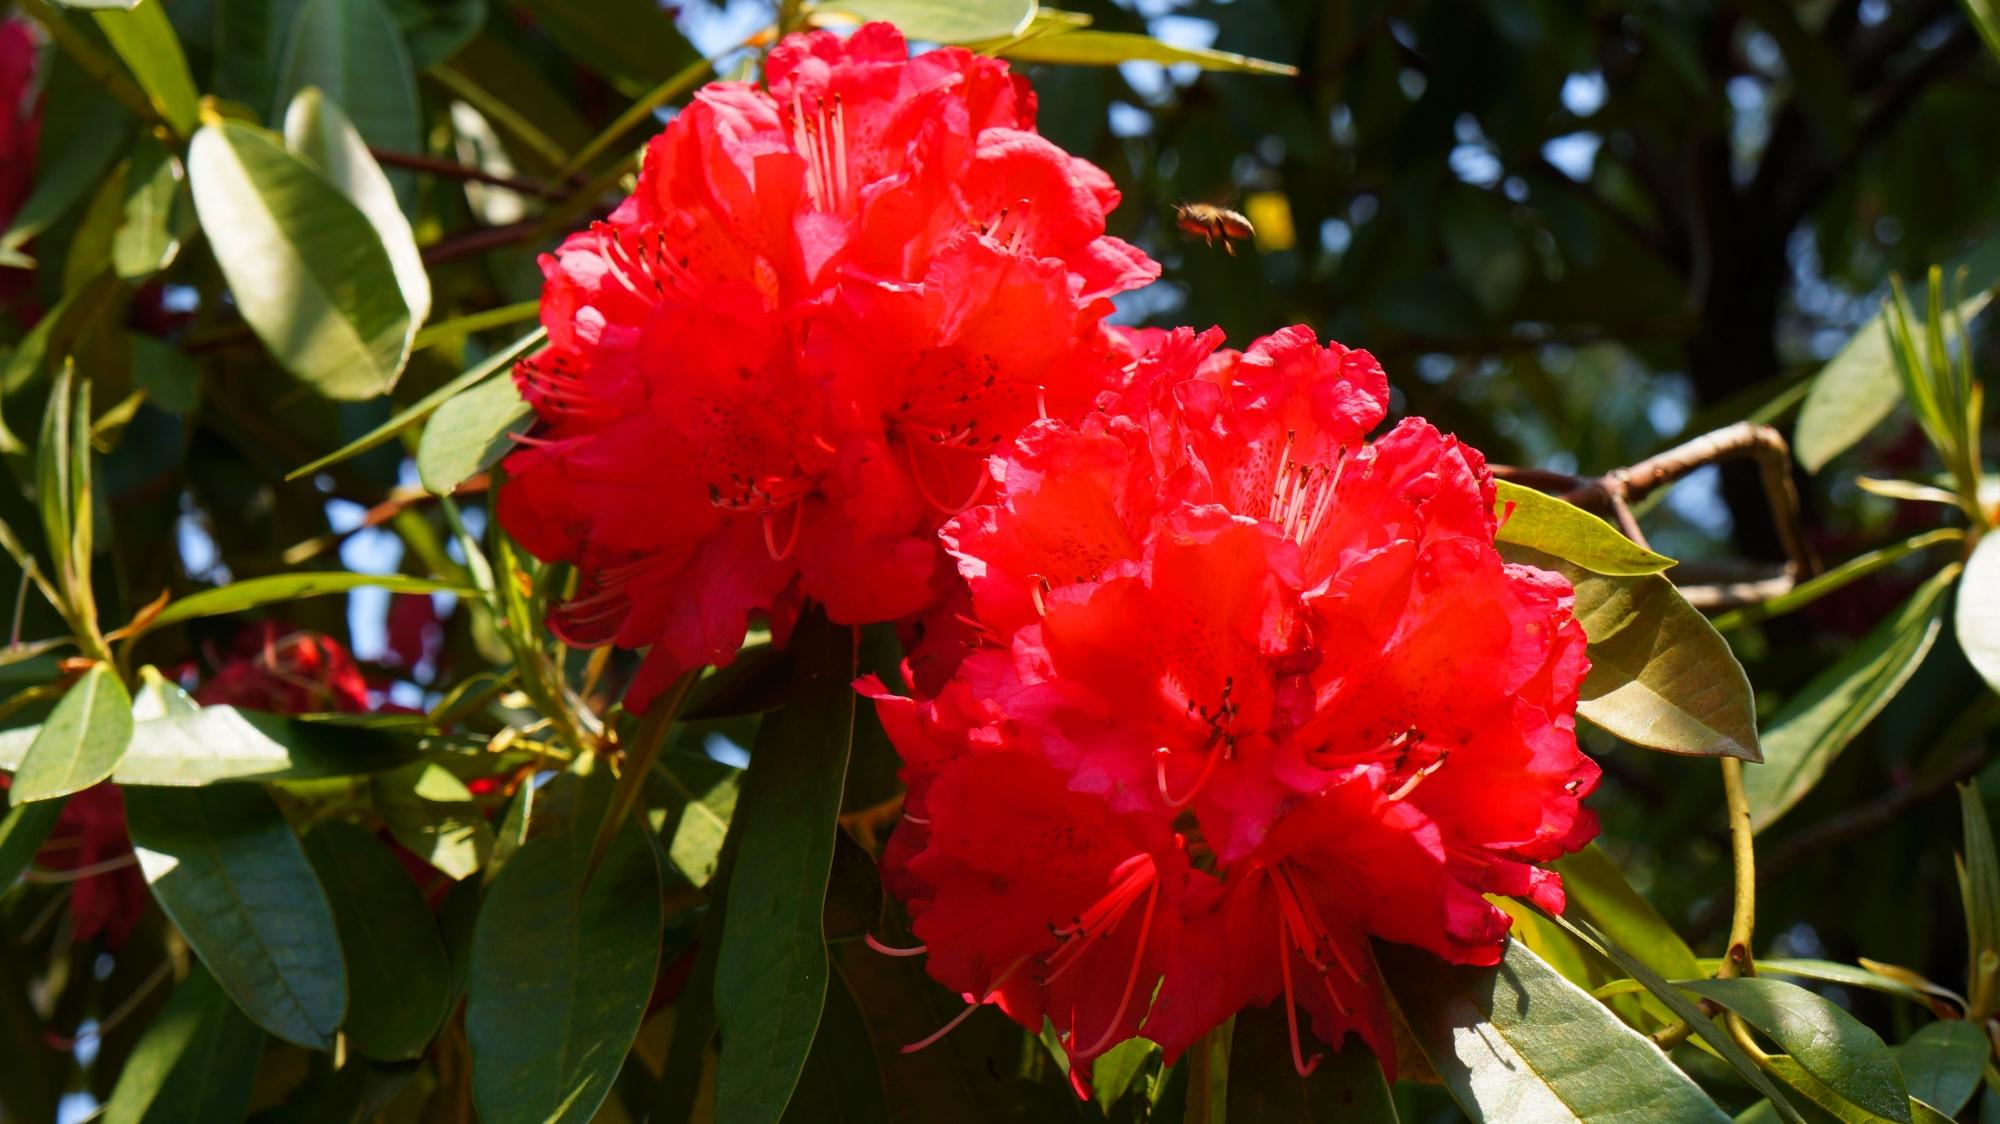 いろんな色があるシャクナゲ園の石楠花